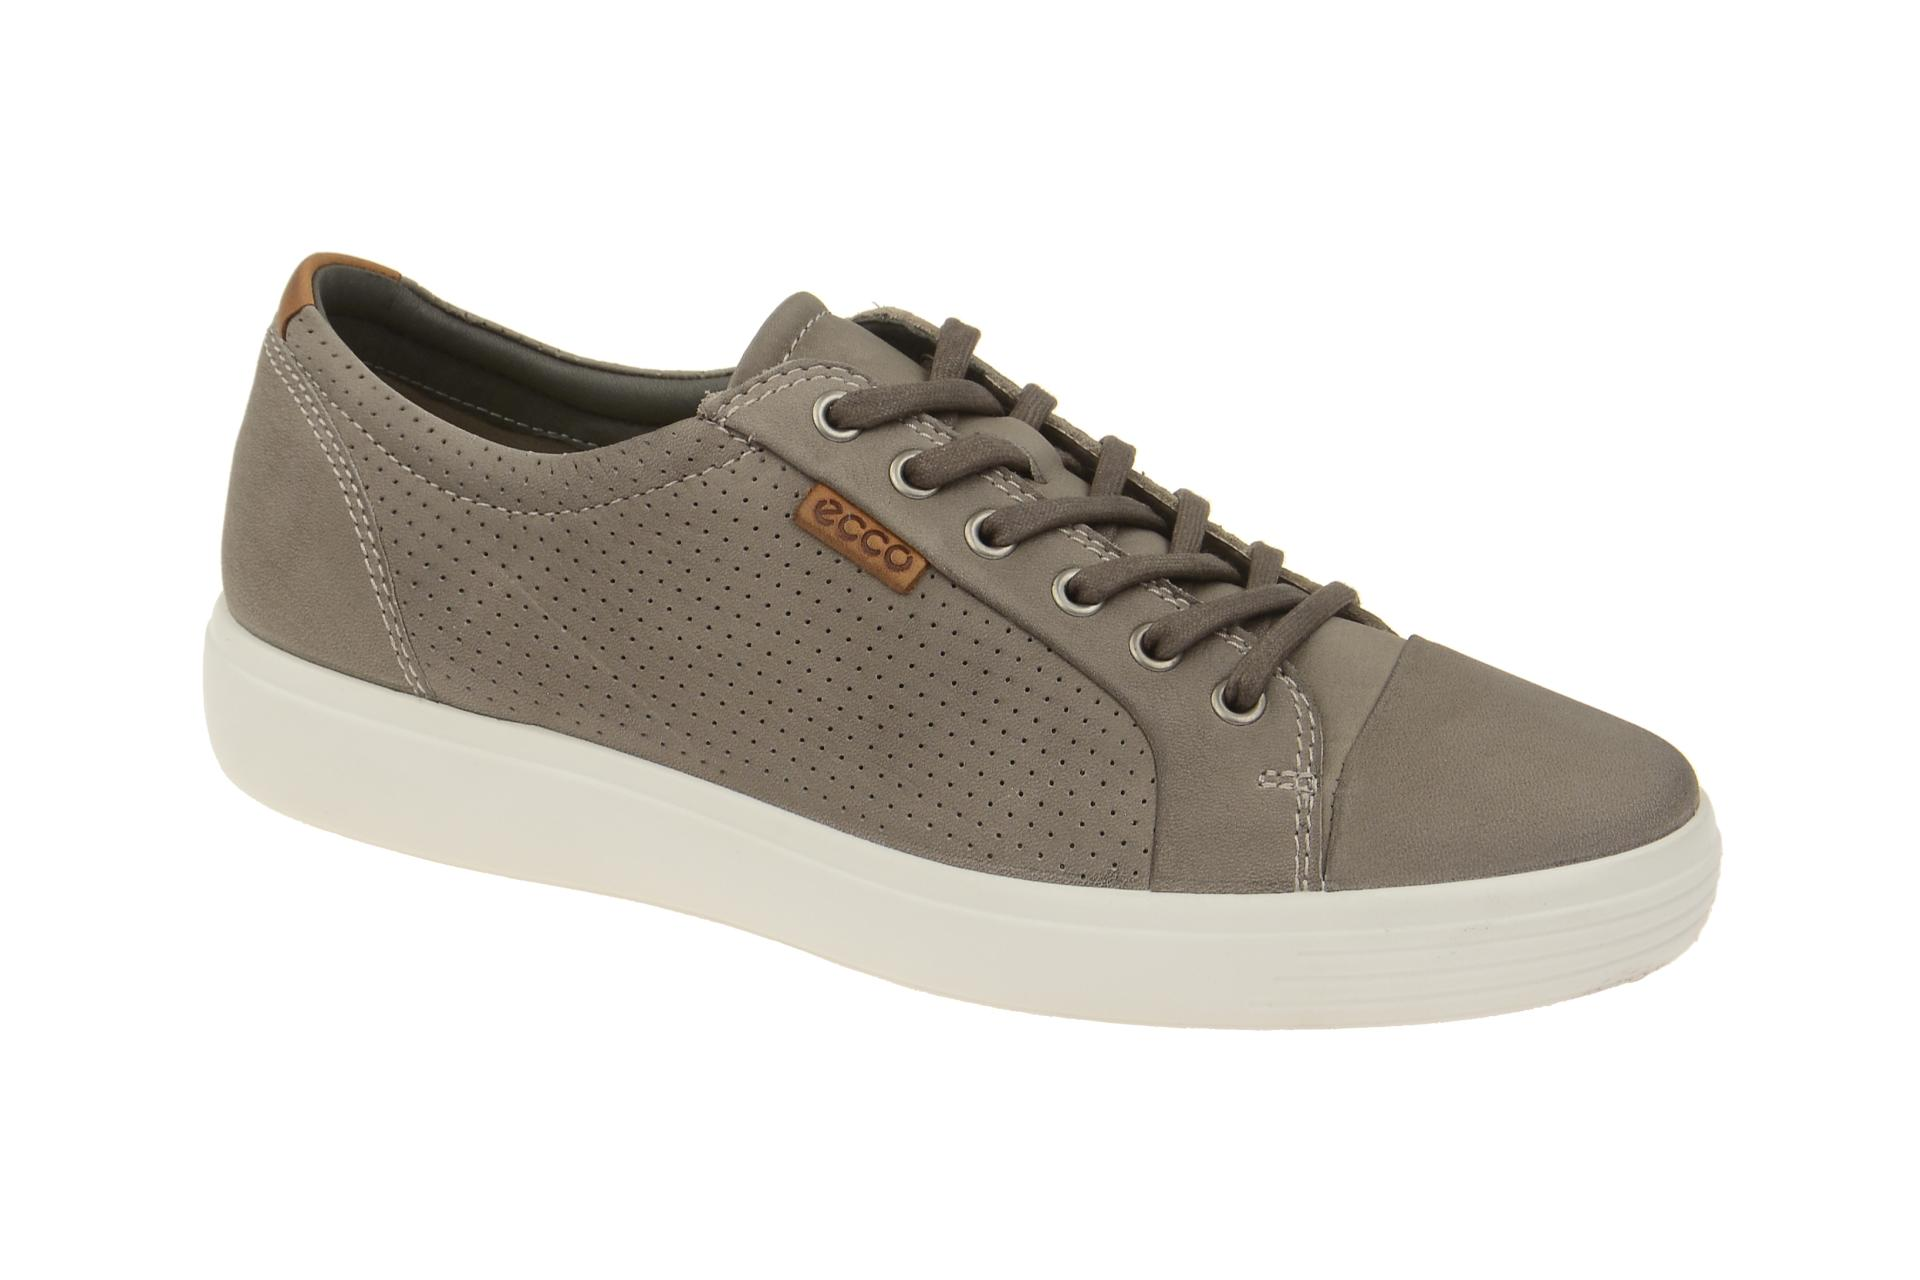 official photos b2a20 fc437 Ecco Schuhe Sneaker Soft 7 grau weiß